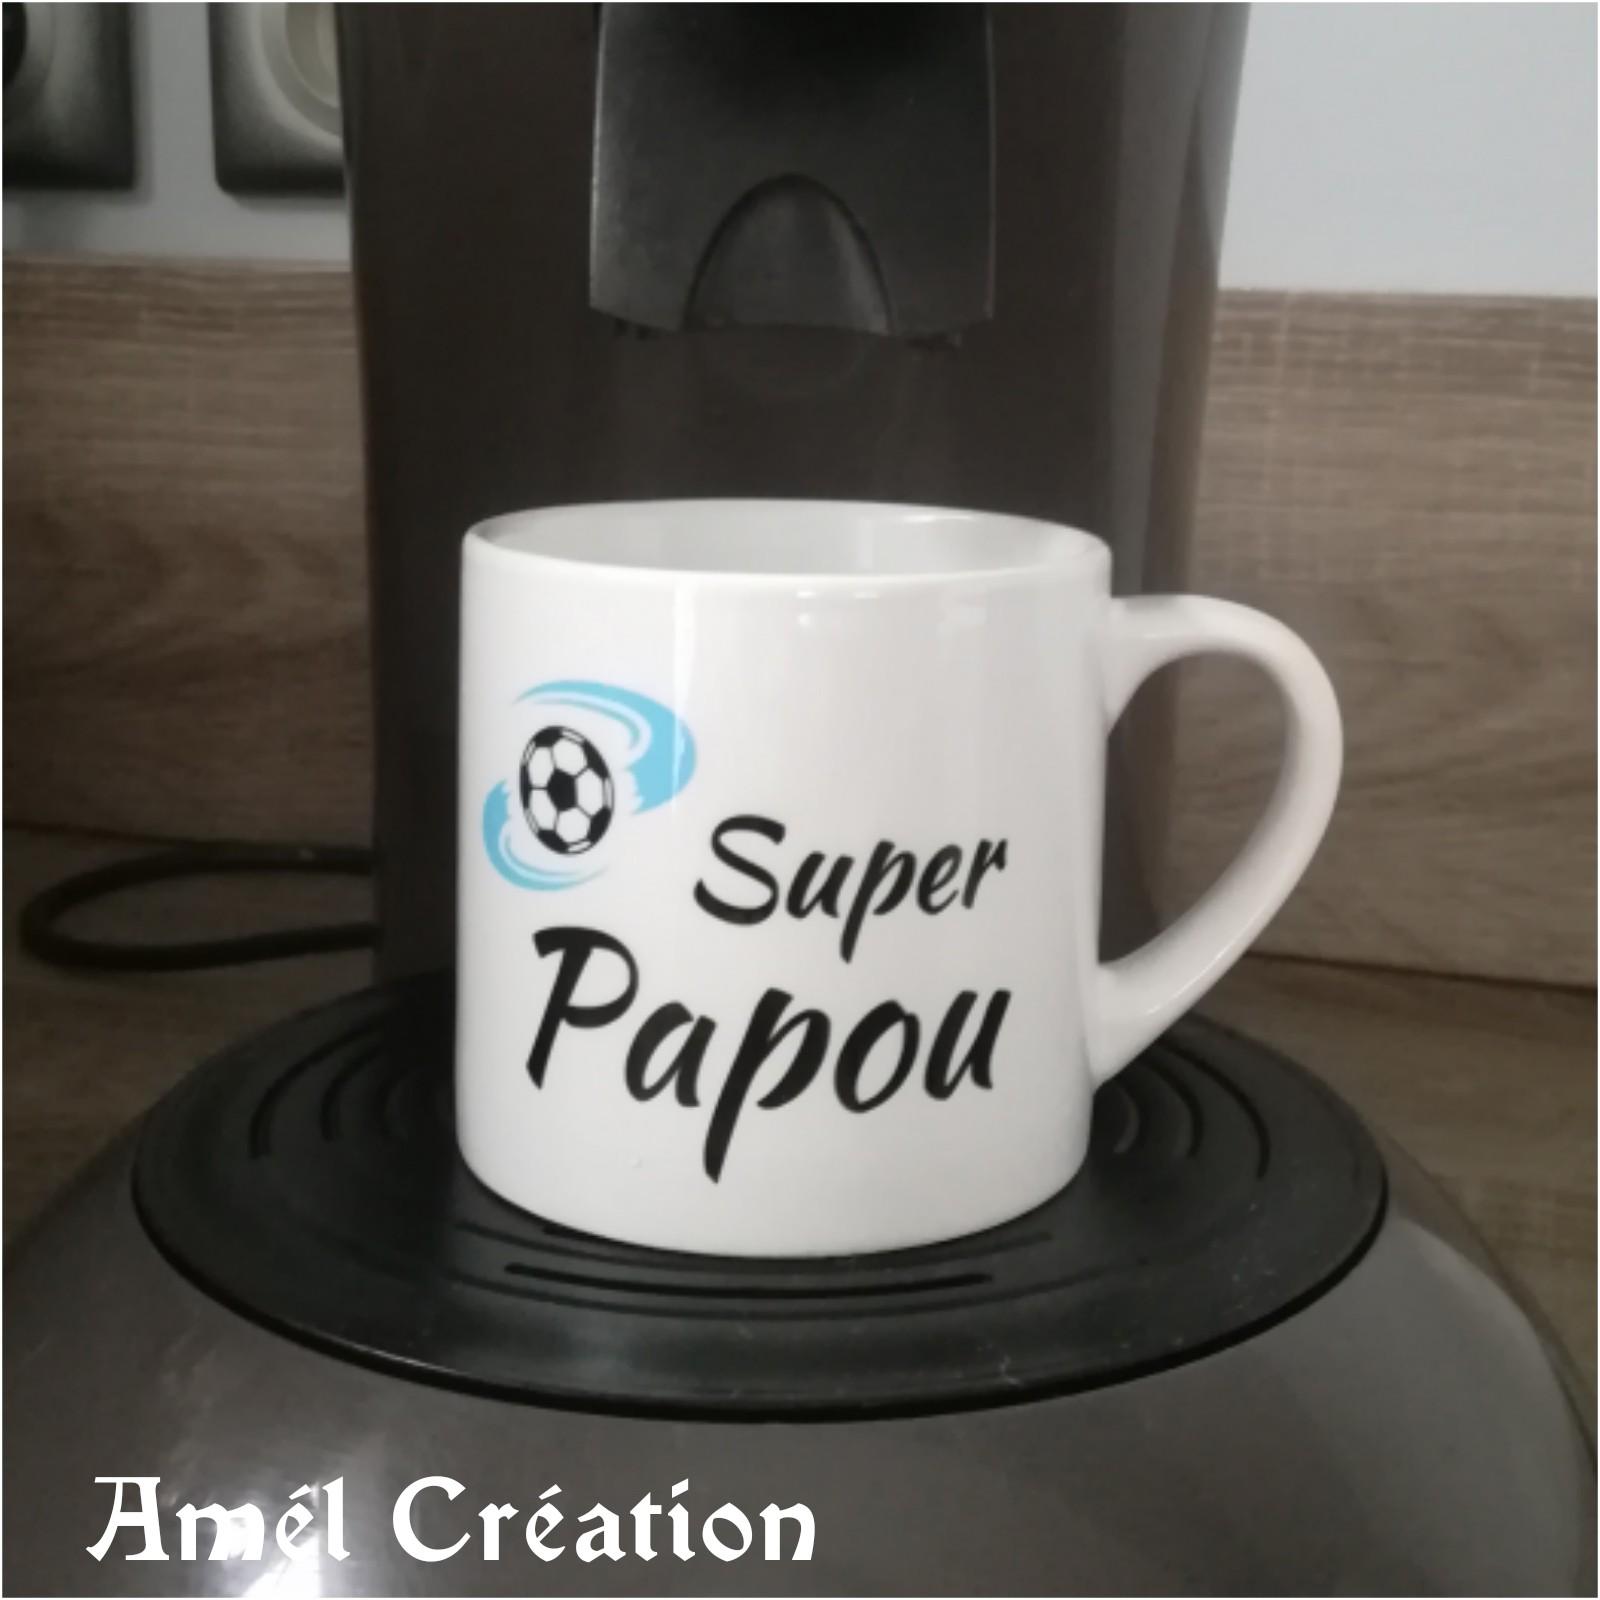 Super papou